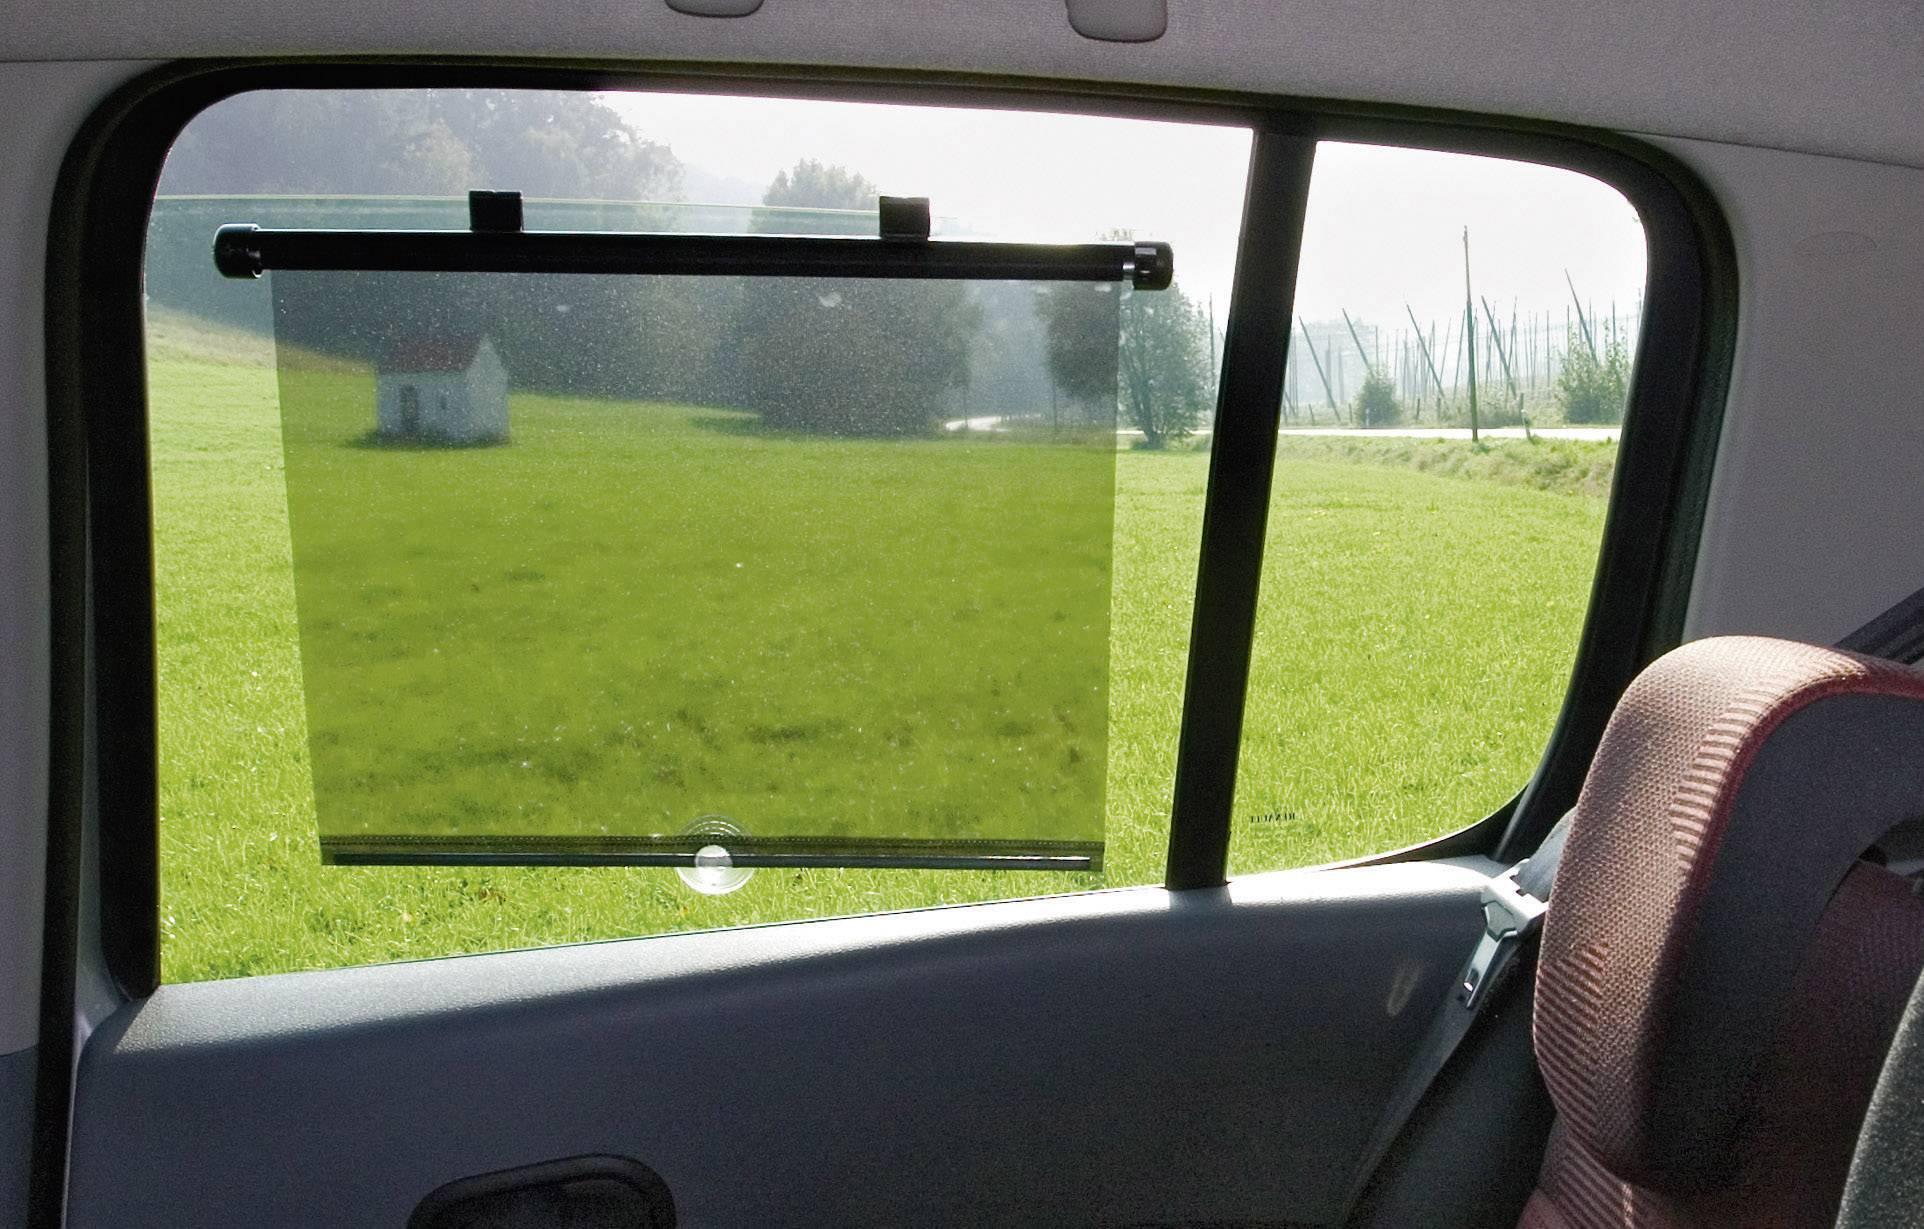 Slnečná roletka pre bočné okná 52 cm